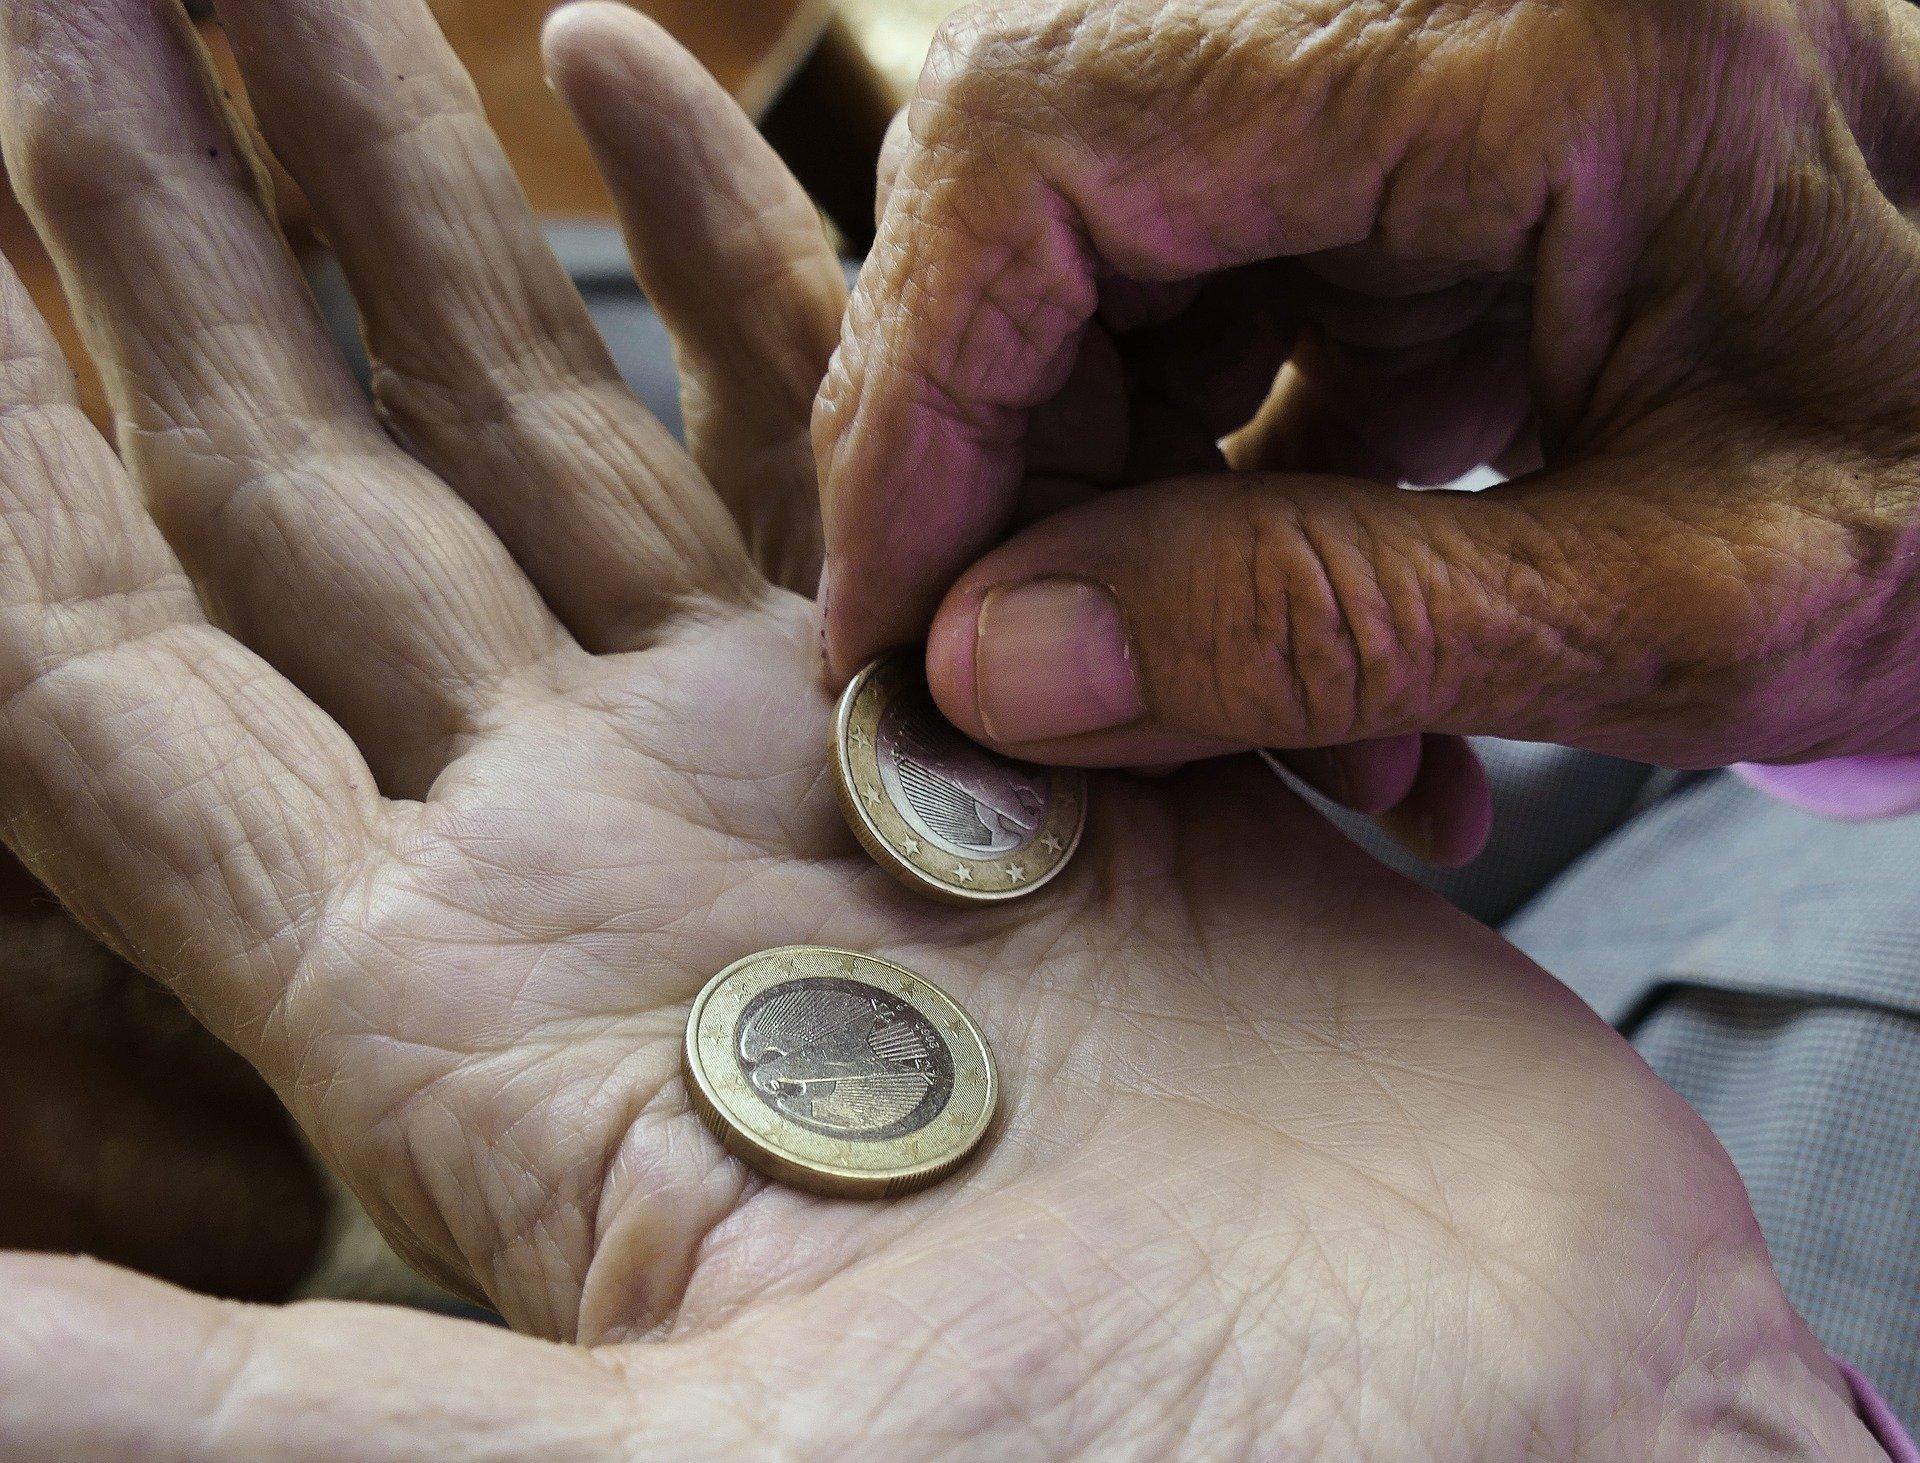 Dvig minimalne plače ponovno poslabšuje položaj prejemnikom le-te